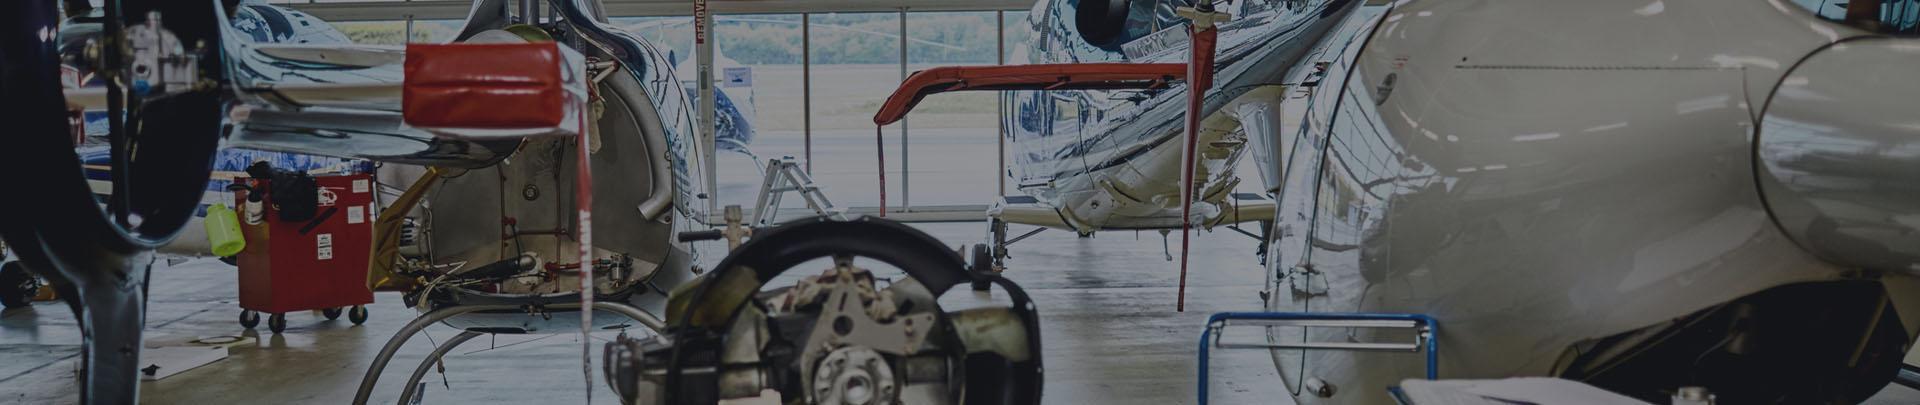 helikoptery stojące w hangarze - baner